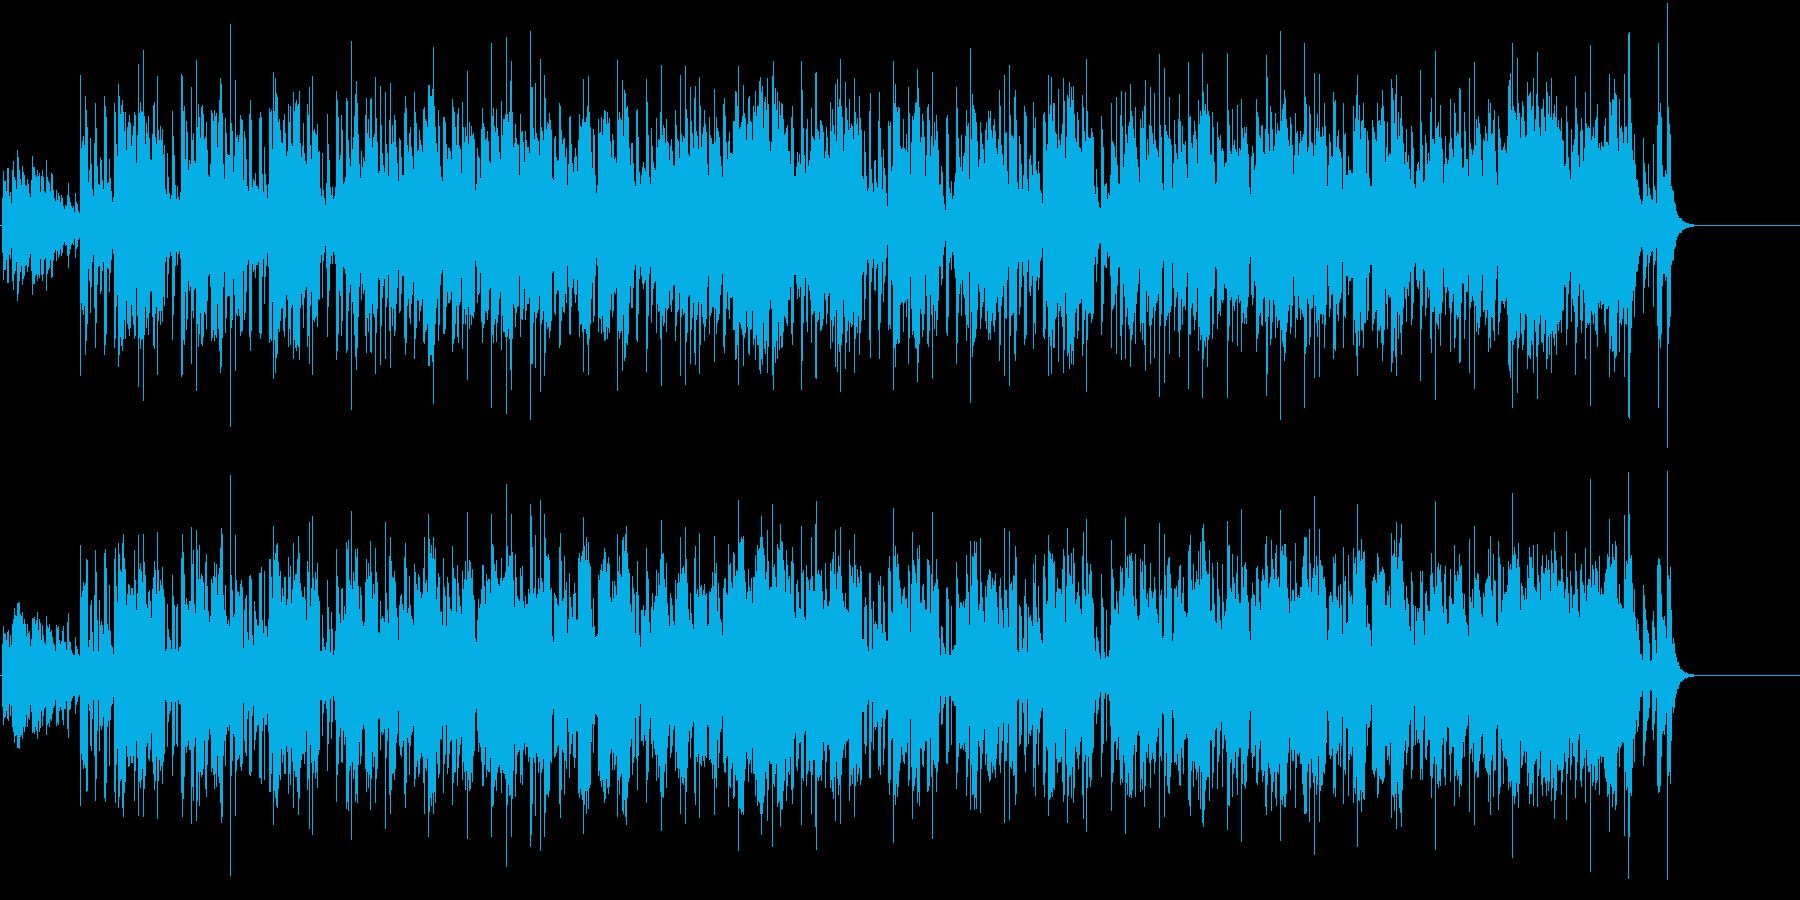 透明感のあるアコースティック風ポップスの再生済みの波形